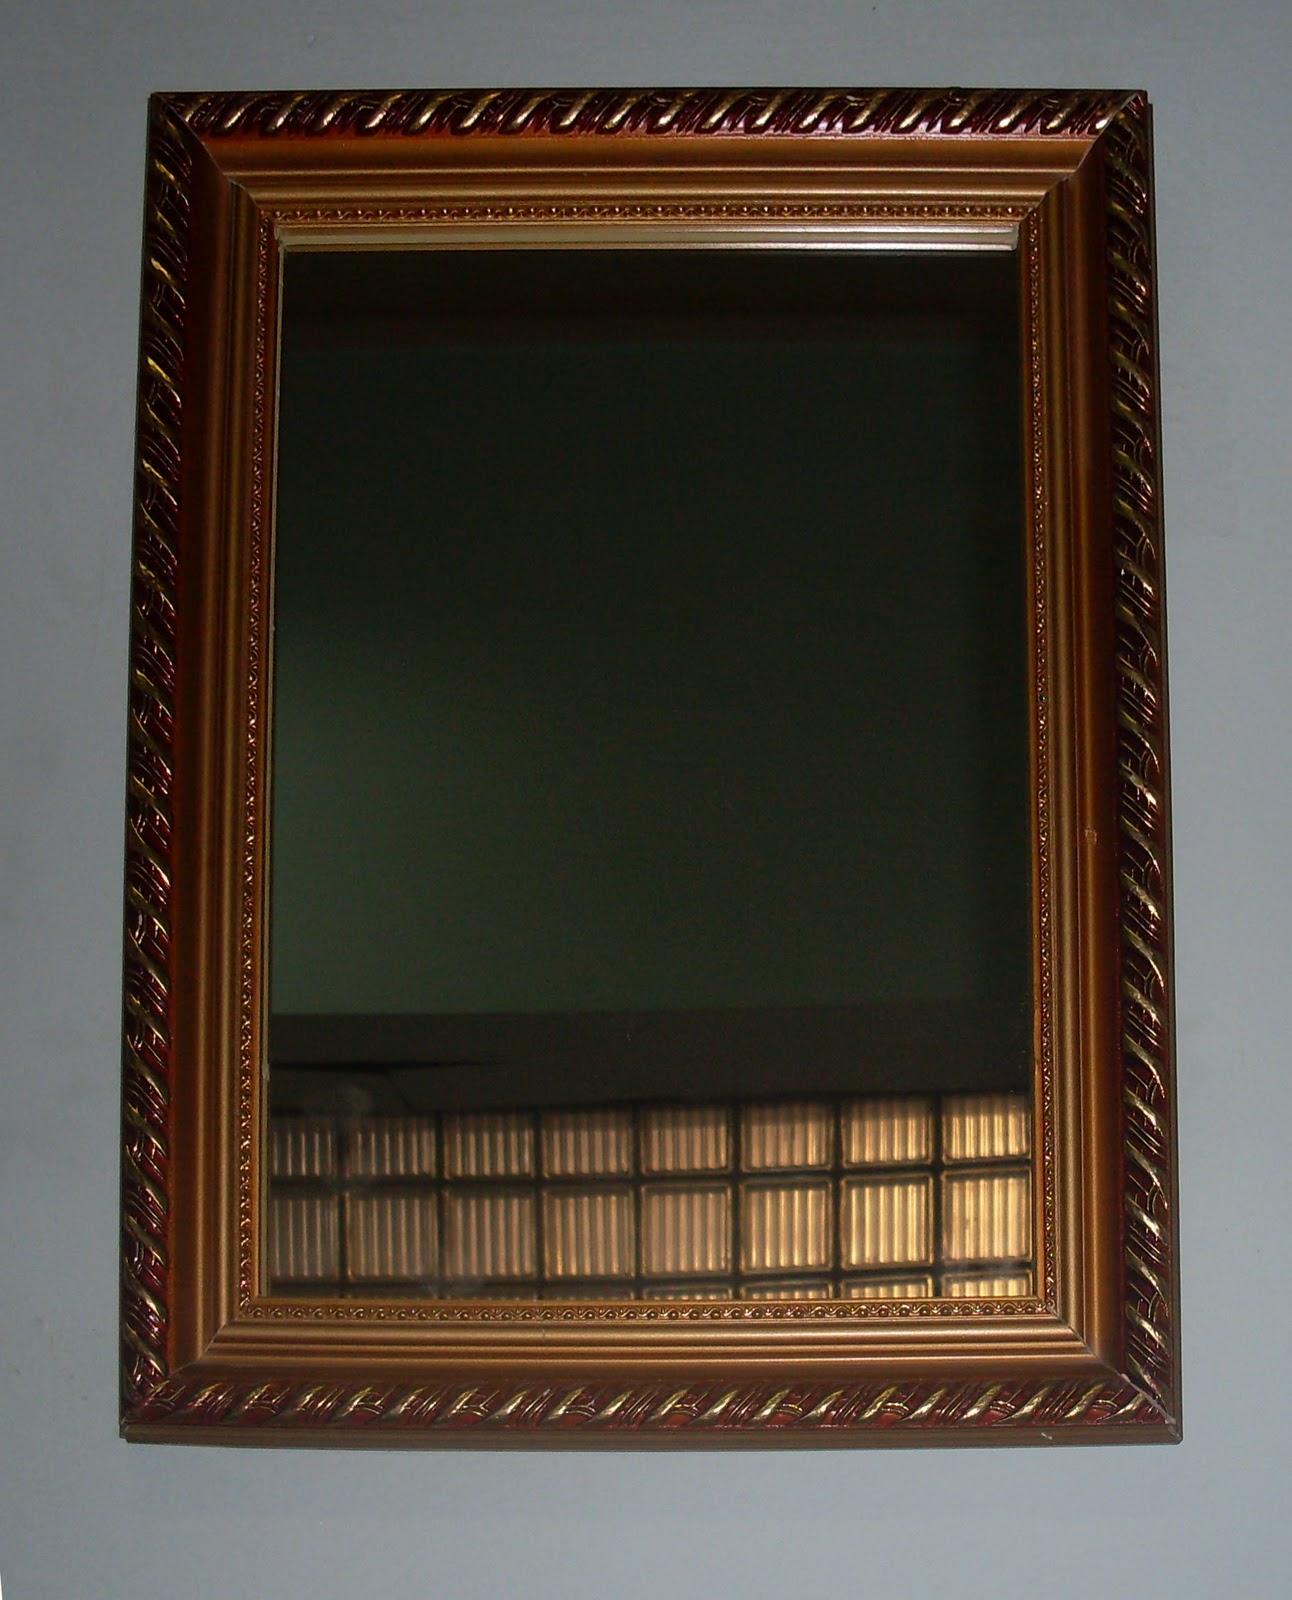 Espejos con marcos artesanales de madera en venta Marcos para espejos artesanales